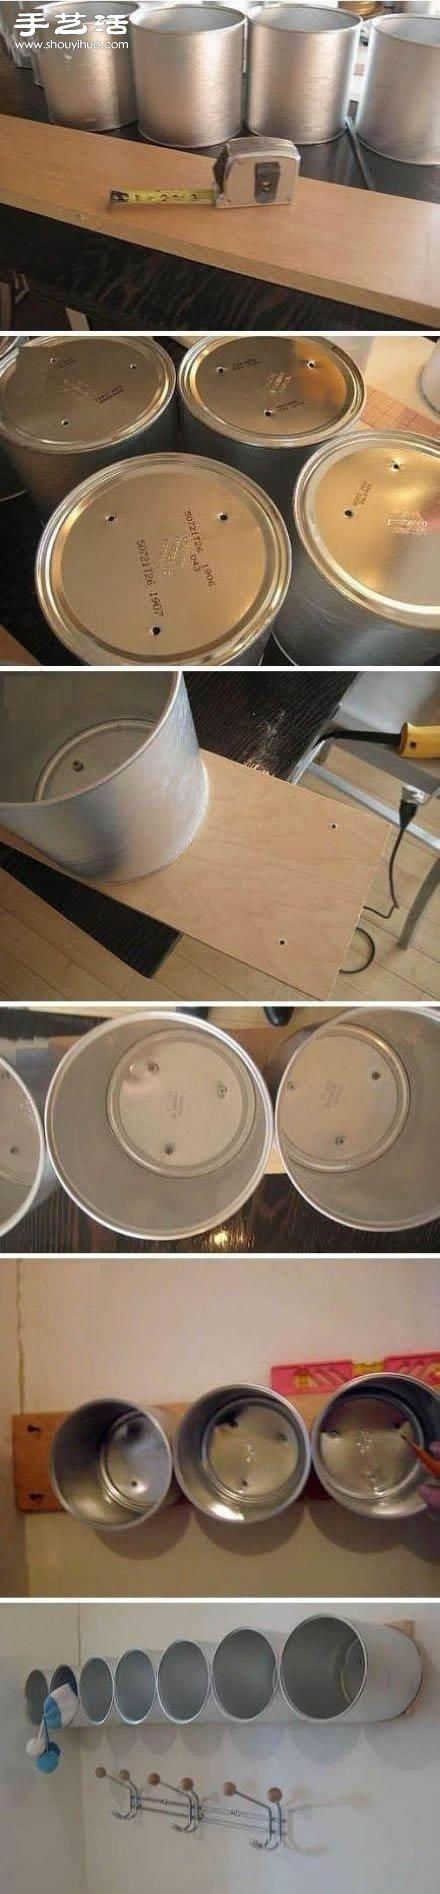 鐵罐子簡單廢物利用 手工製作收納架